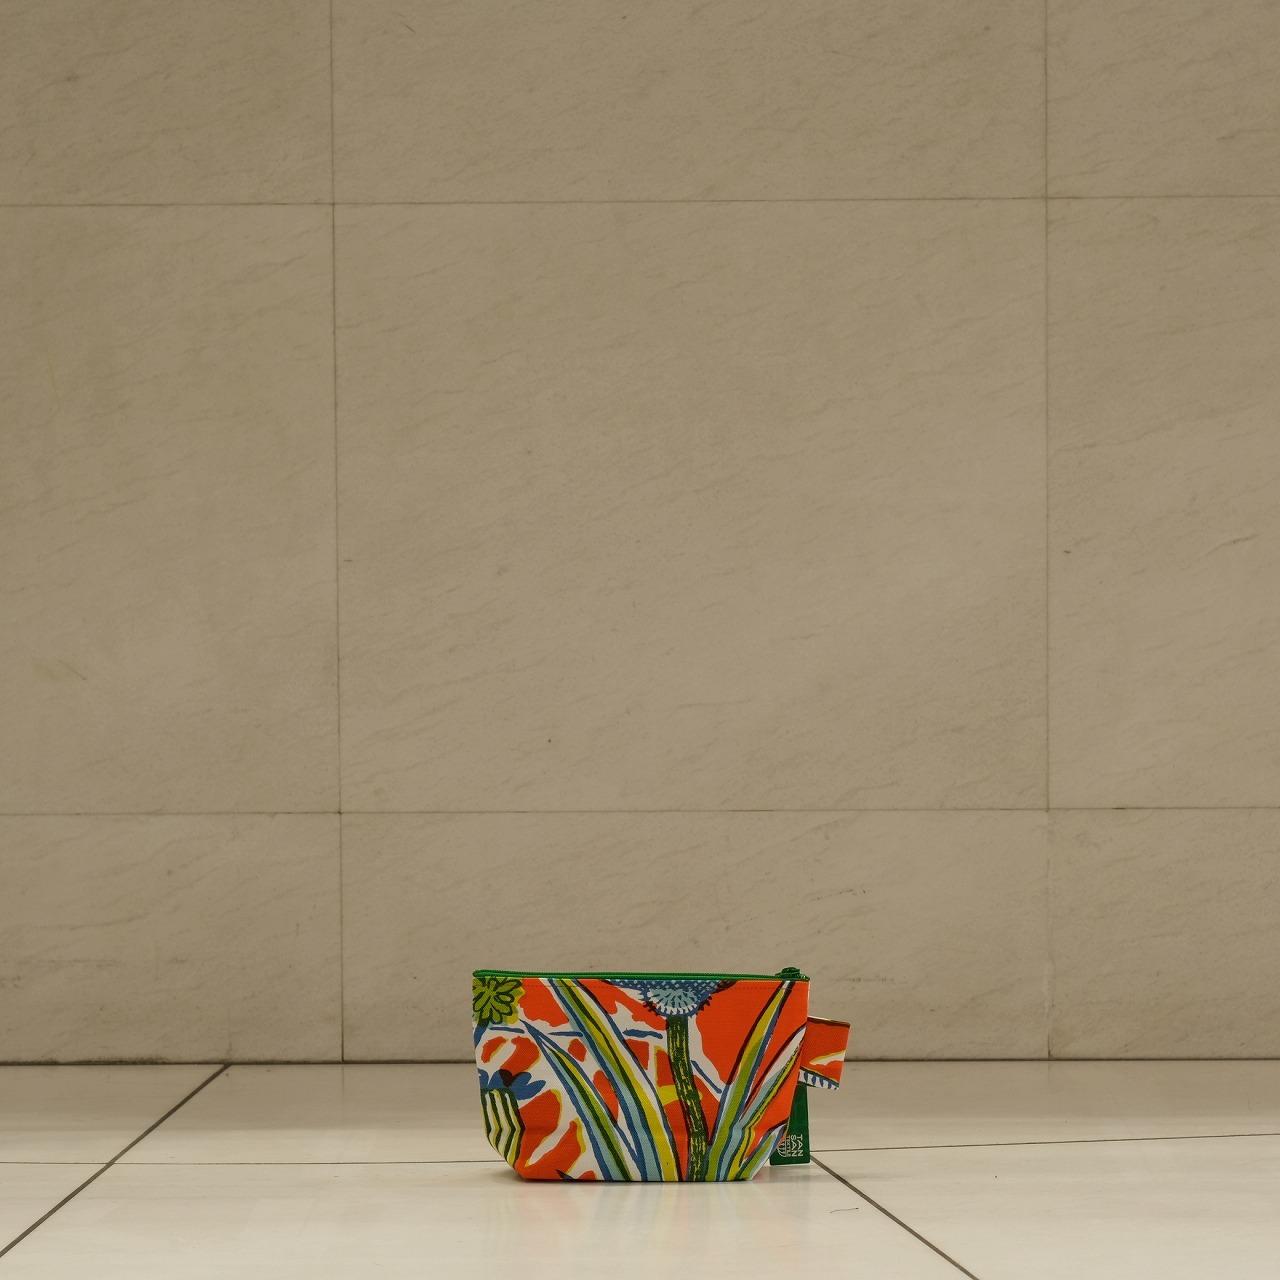 炭酸デザイン室 オンライン展示会 マチポーチM_d0182409_16595225.jpg